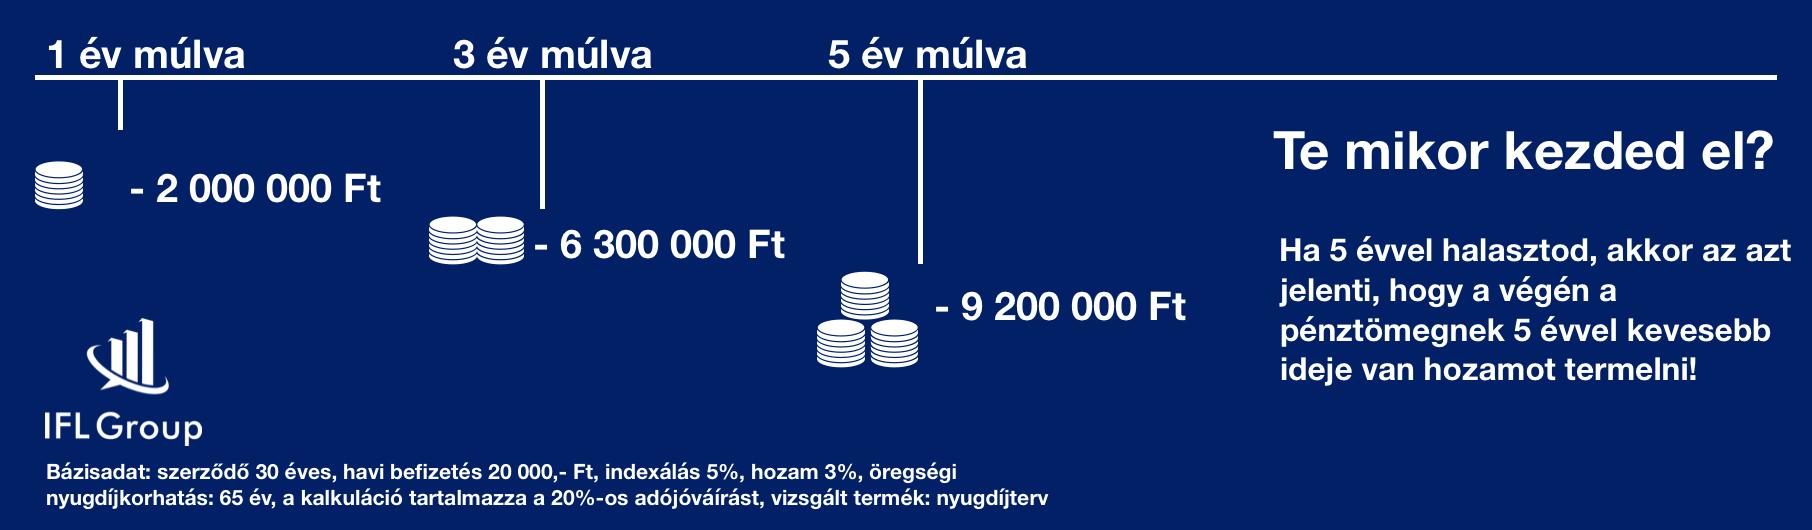 mennyi pénzt bukunk ha halogatjuk a nyugdíjmegtakarítást?